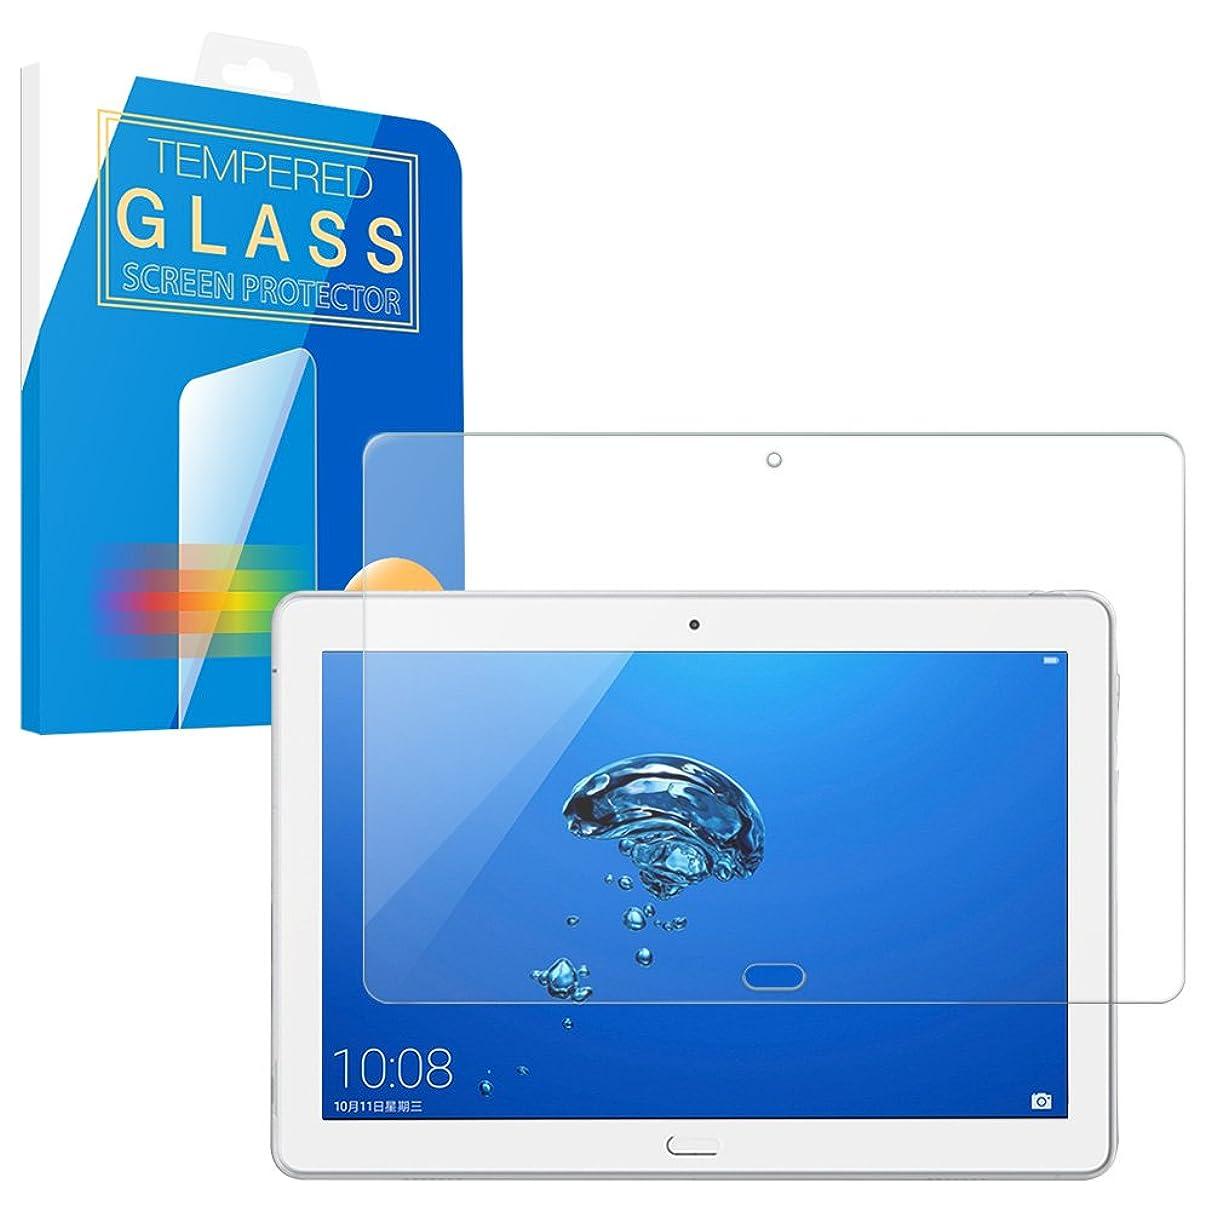 ペット離婚よろしくMS factory dtab d-01K/HUAWEI MediaPad M3 Lite 10 wp ガラス フィルム ブルーライト カット 90% 強化ガラス ディータブ メディアパッド ファーウェイ 保護フィルム 90日 保証 FD-MPm3lt-10wp-BLUE-AB